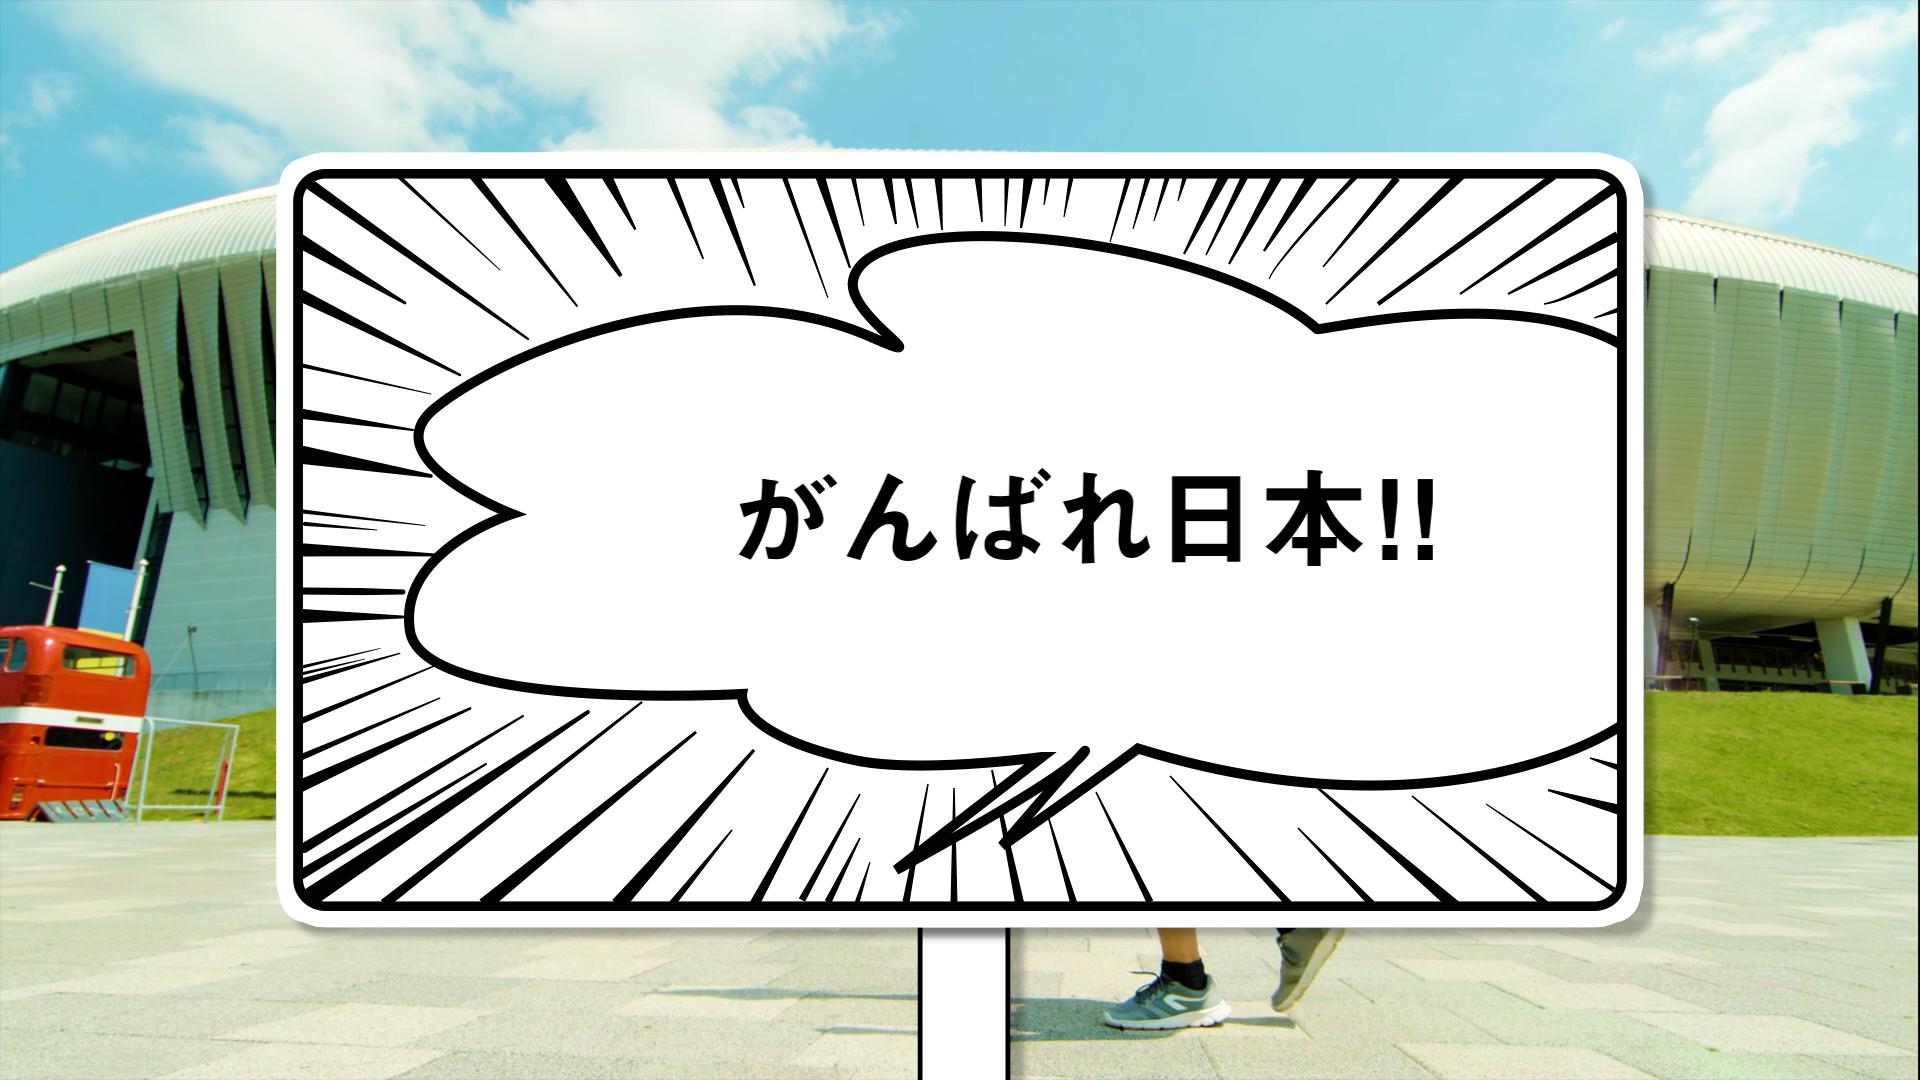 東京オリンピックのパネルのフリー素材